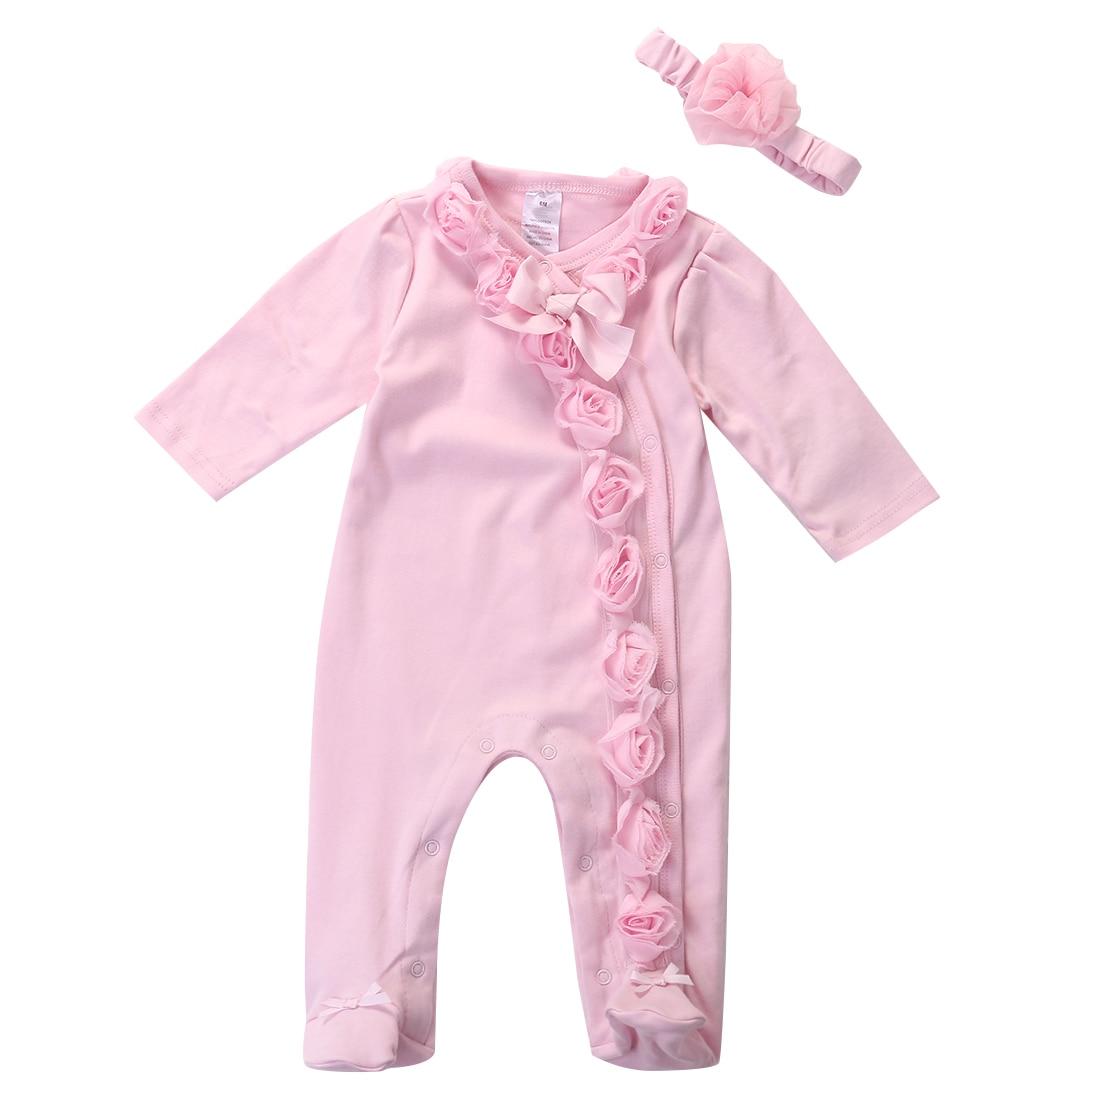 Met Goed Opvoeding Pasgeboren Peuter Baby Baby Meisjes 0-7 M Bloemen Romper 2 St Lange Mouw Hoofdband Kleding Outfits Set Roze